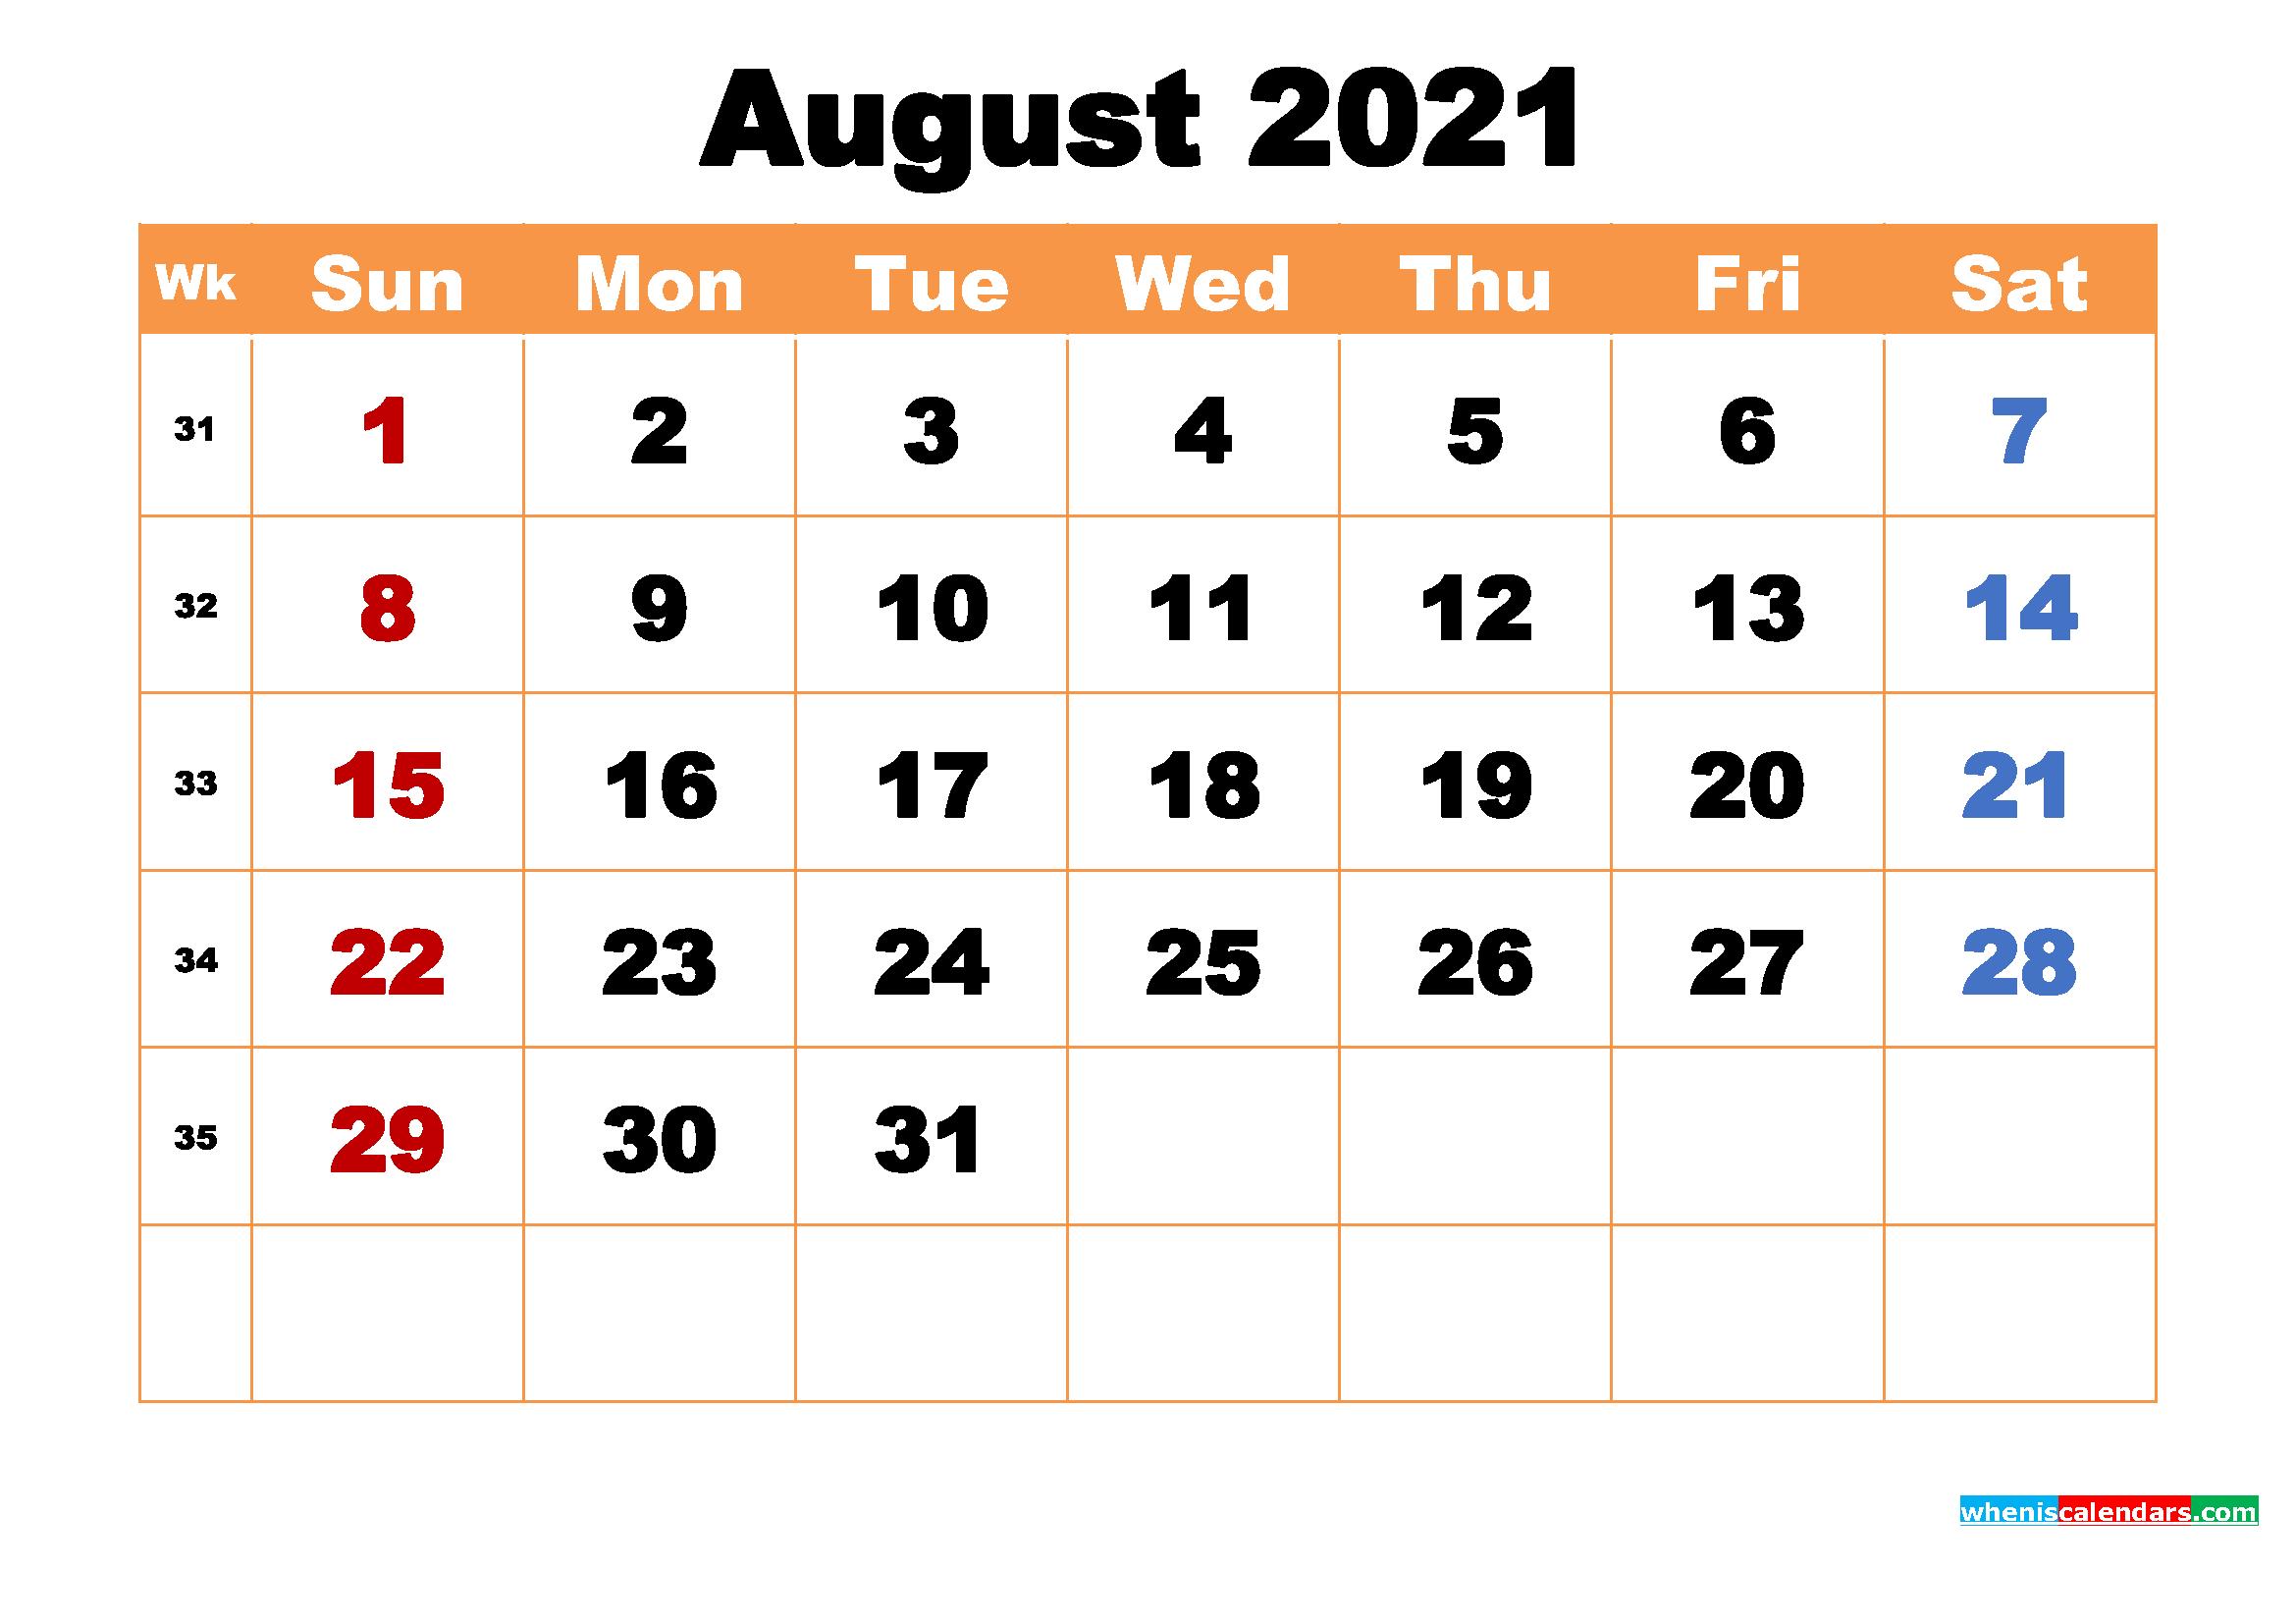 August 2021 Calendar Wallpaper High Resolution 2339x1654